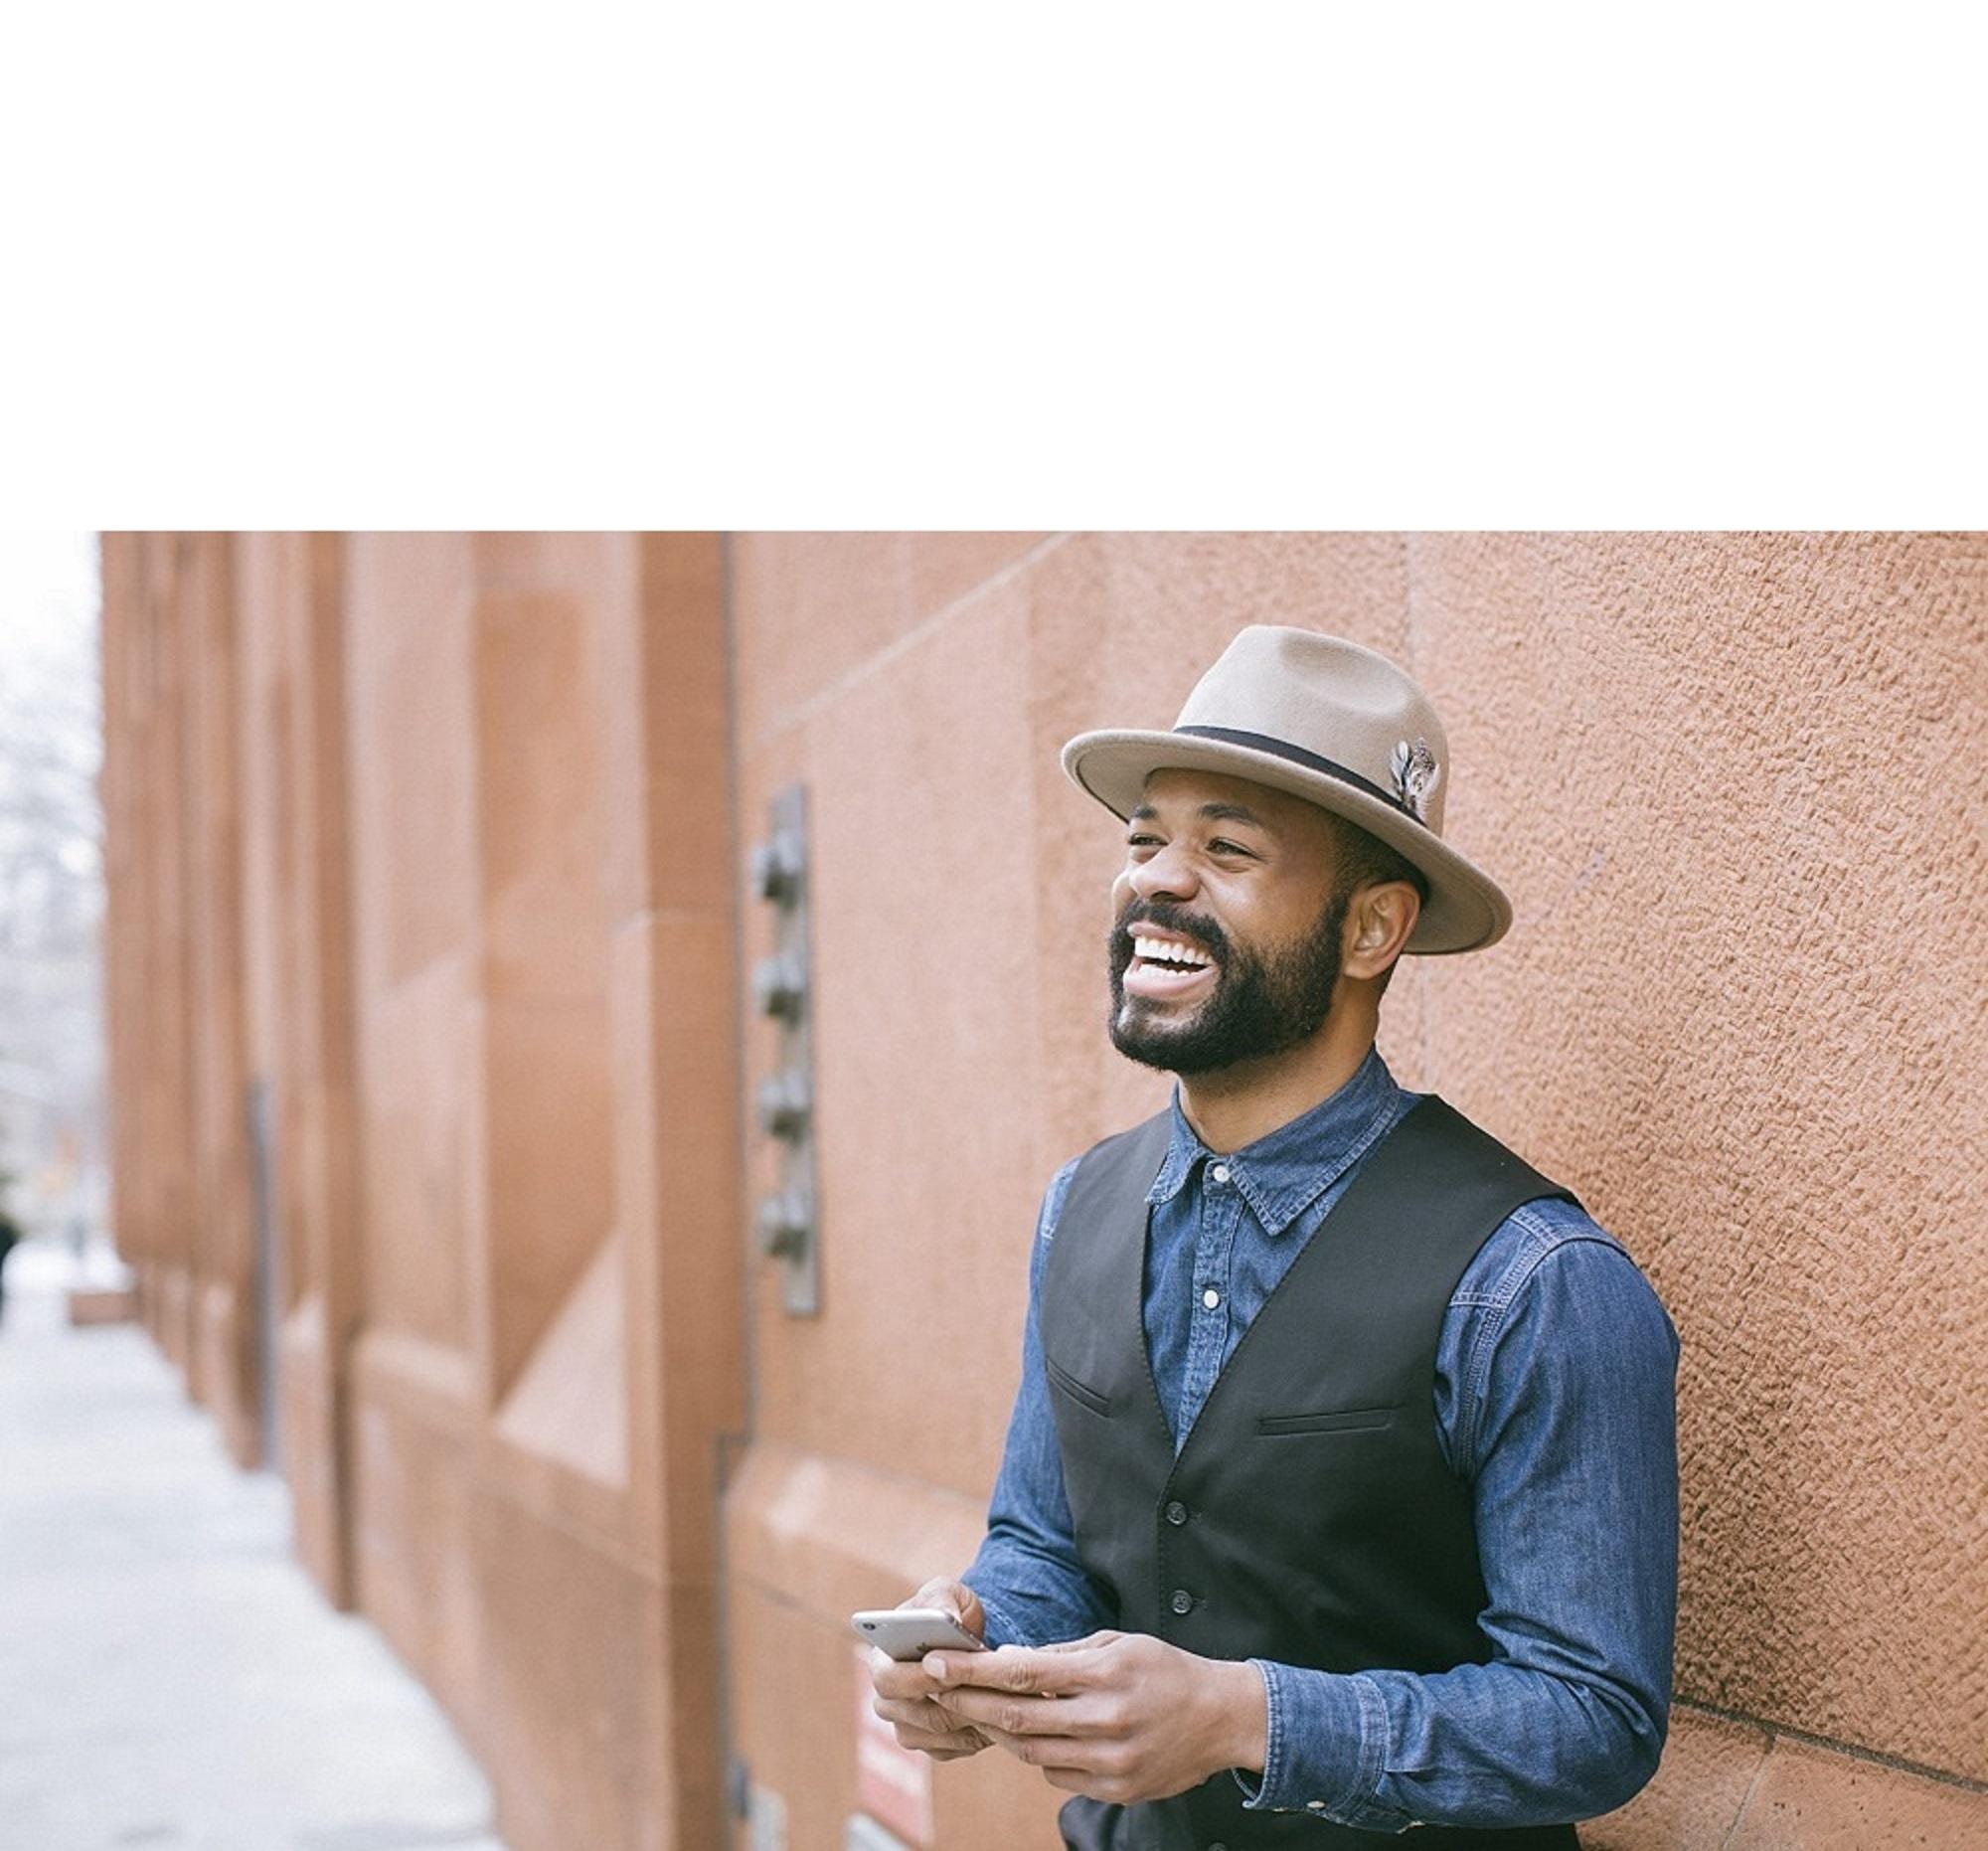 smiling man in hat